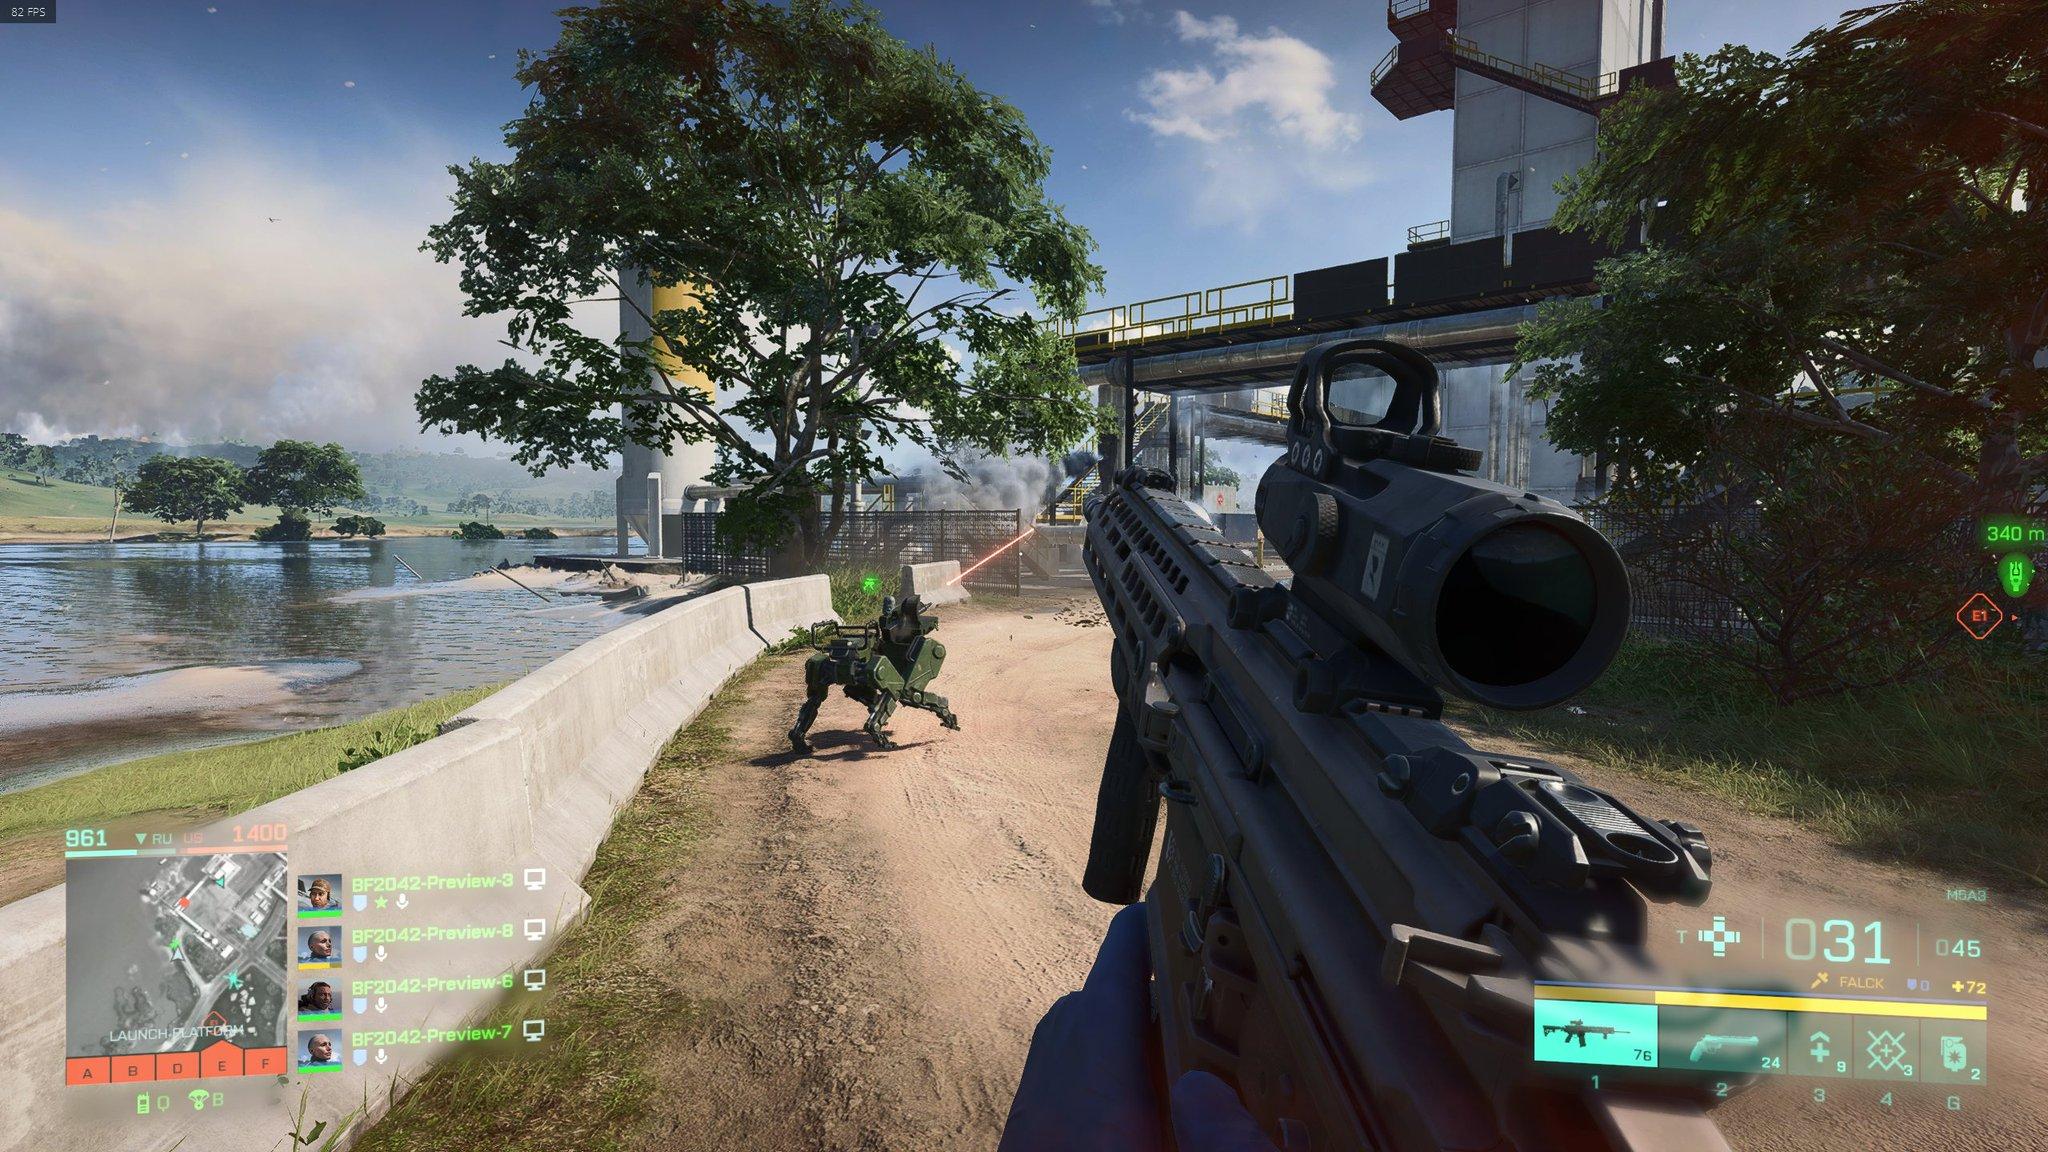 Battlefield beta preview gamersrd5